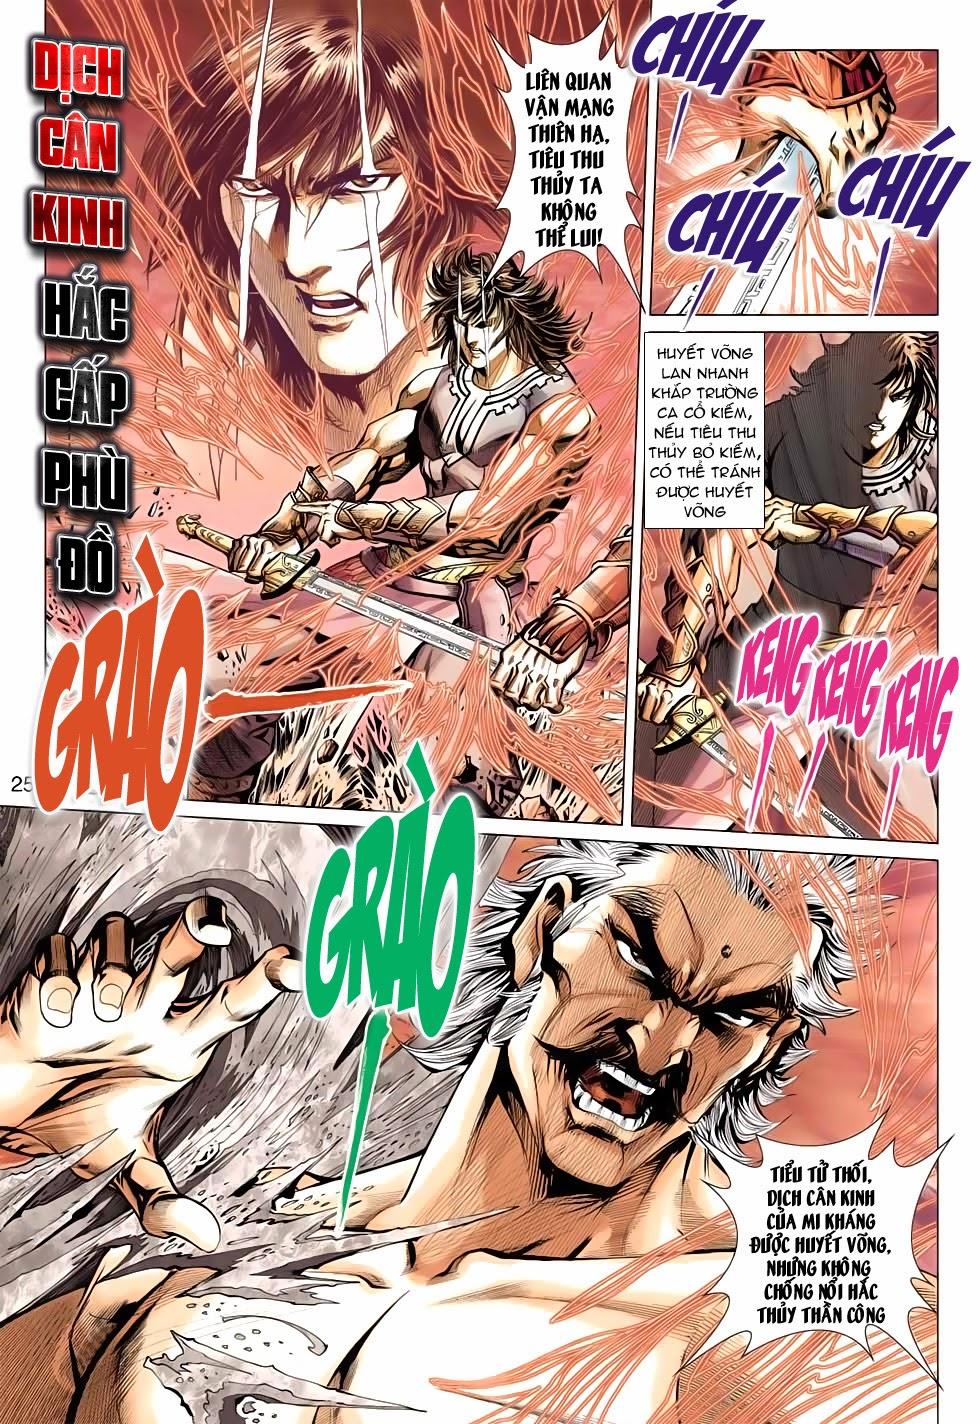 Thần Châu Kỳ Hiệp chap 32 – End Trang 25 - Mangak.info